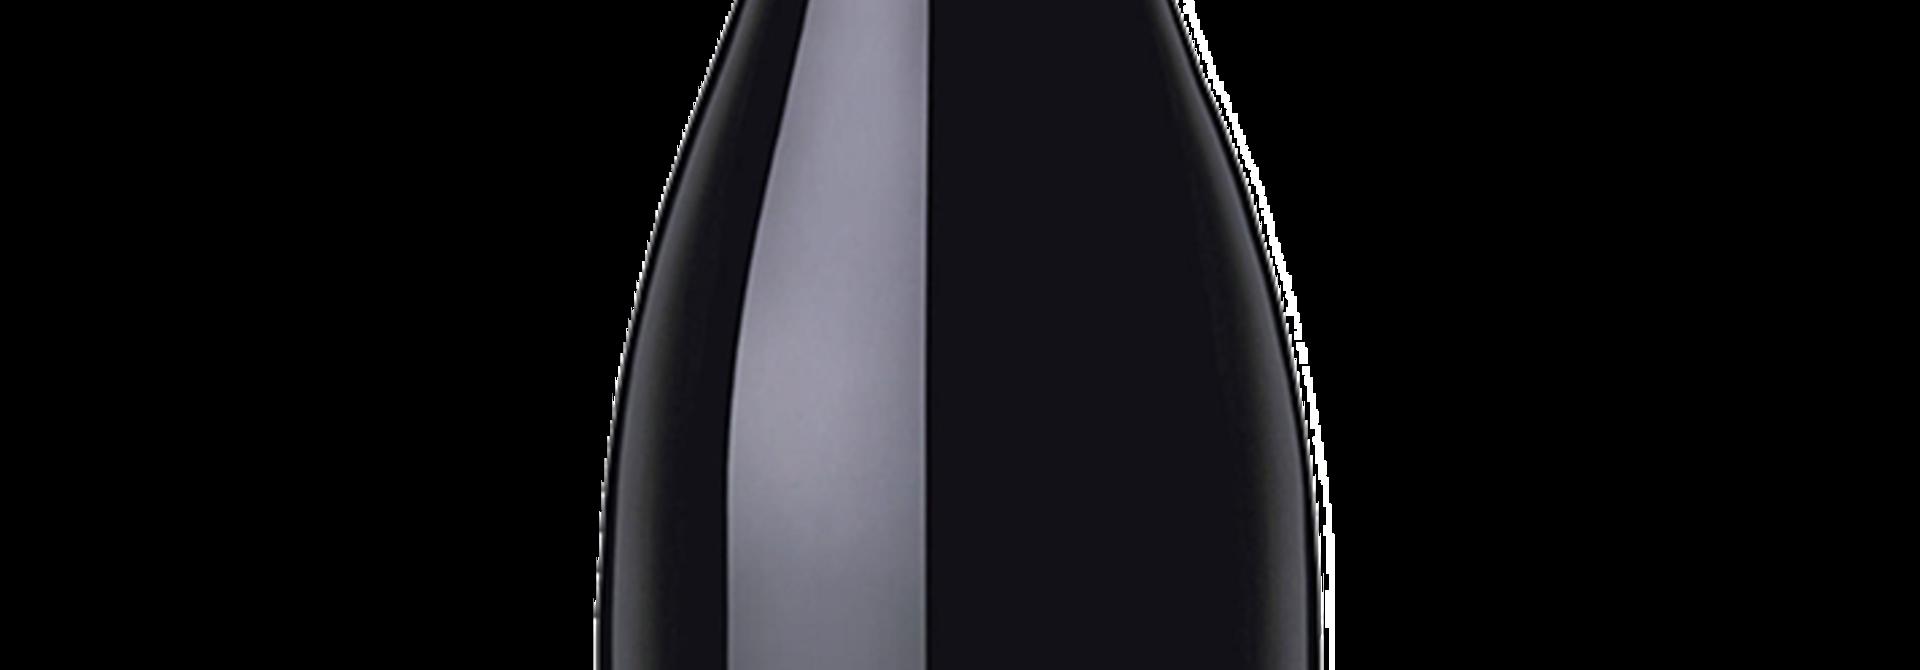 Luc Pirlet Reserve Pinot Noir